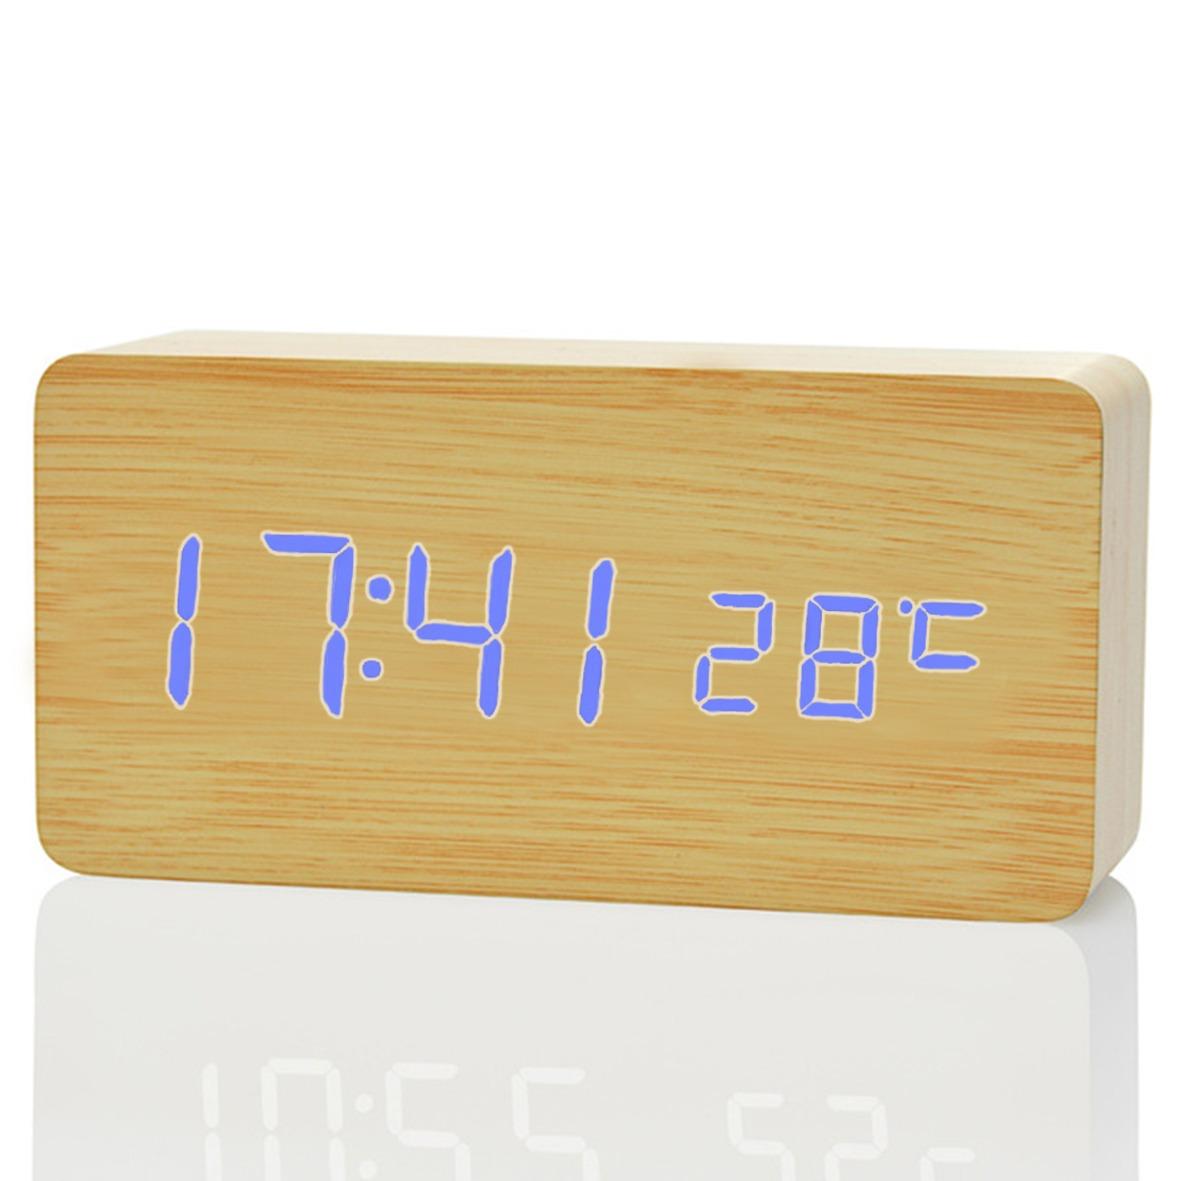 e4fa45f9dbf relógio mesa madeira digital led azul decoração termômetro. Carregando zoom.